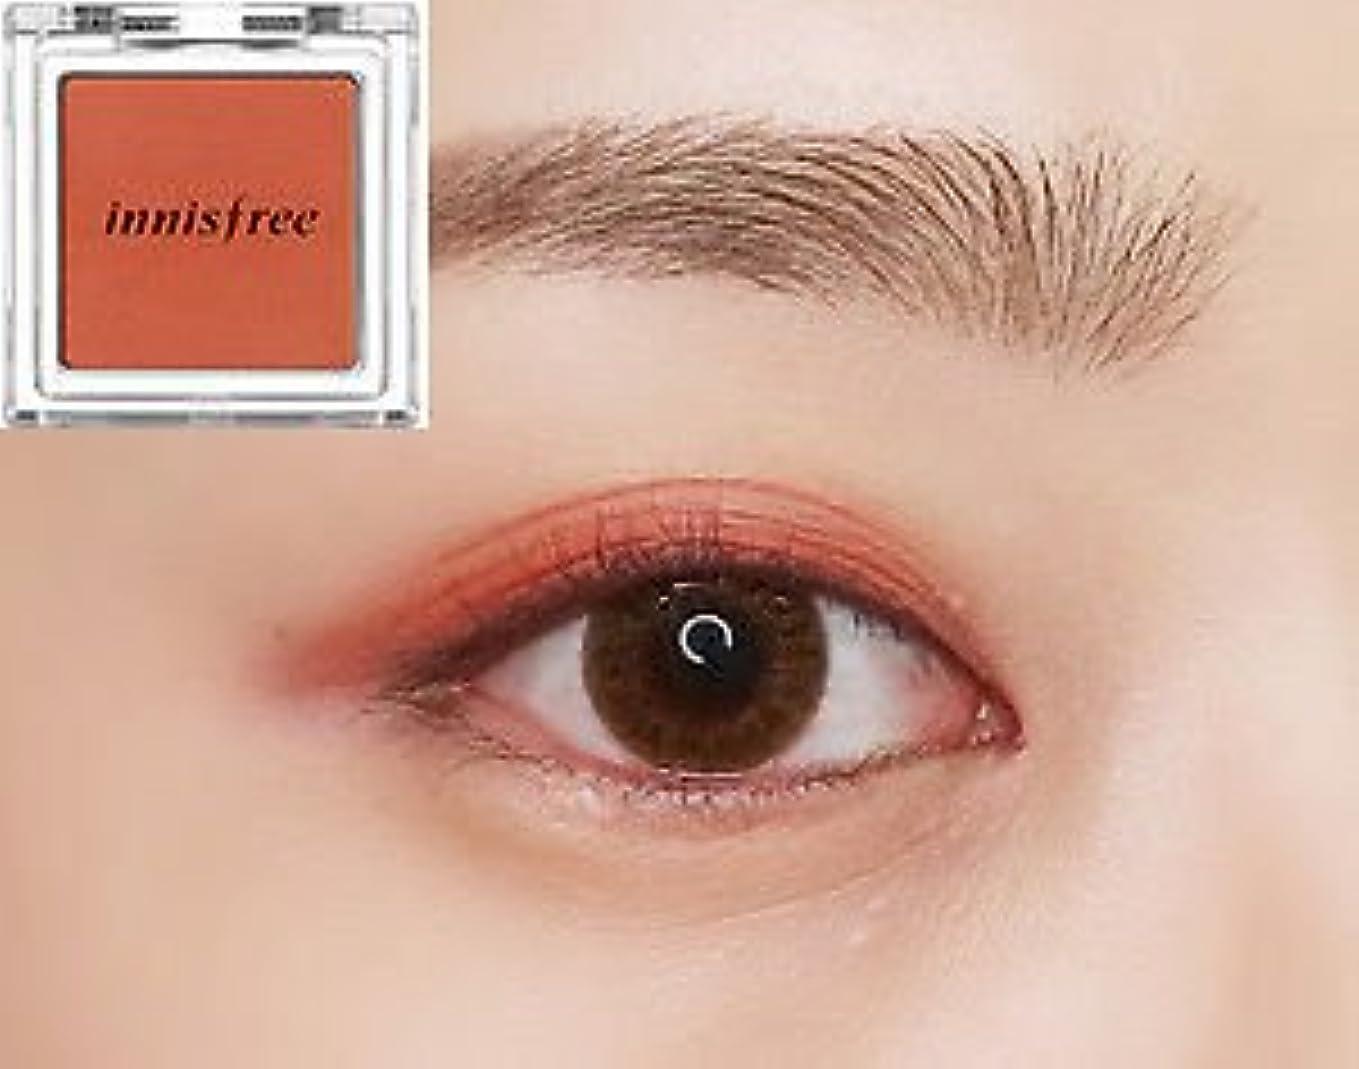 聖域宗教代表する[イニスフリー] innisfree [マイ パレット マイ アイシャドウ (マット) 40カラー] MY PALETTE My Eyeshadow (Matte) 40 Shades [海外直送品] (マット #34)